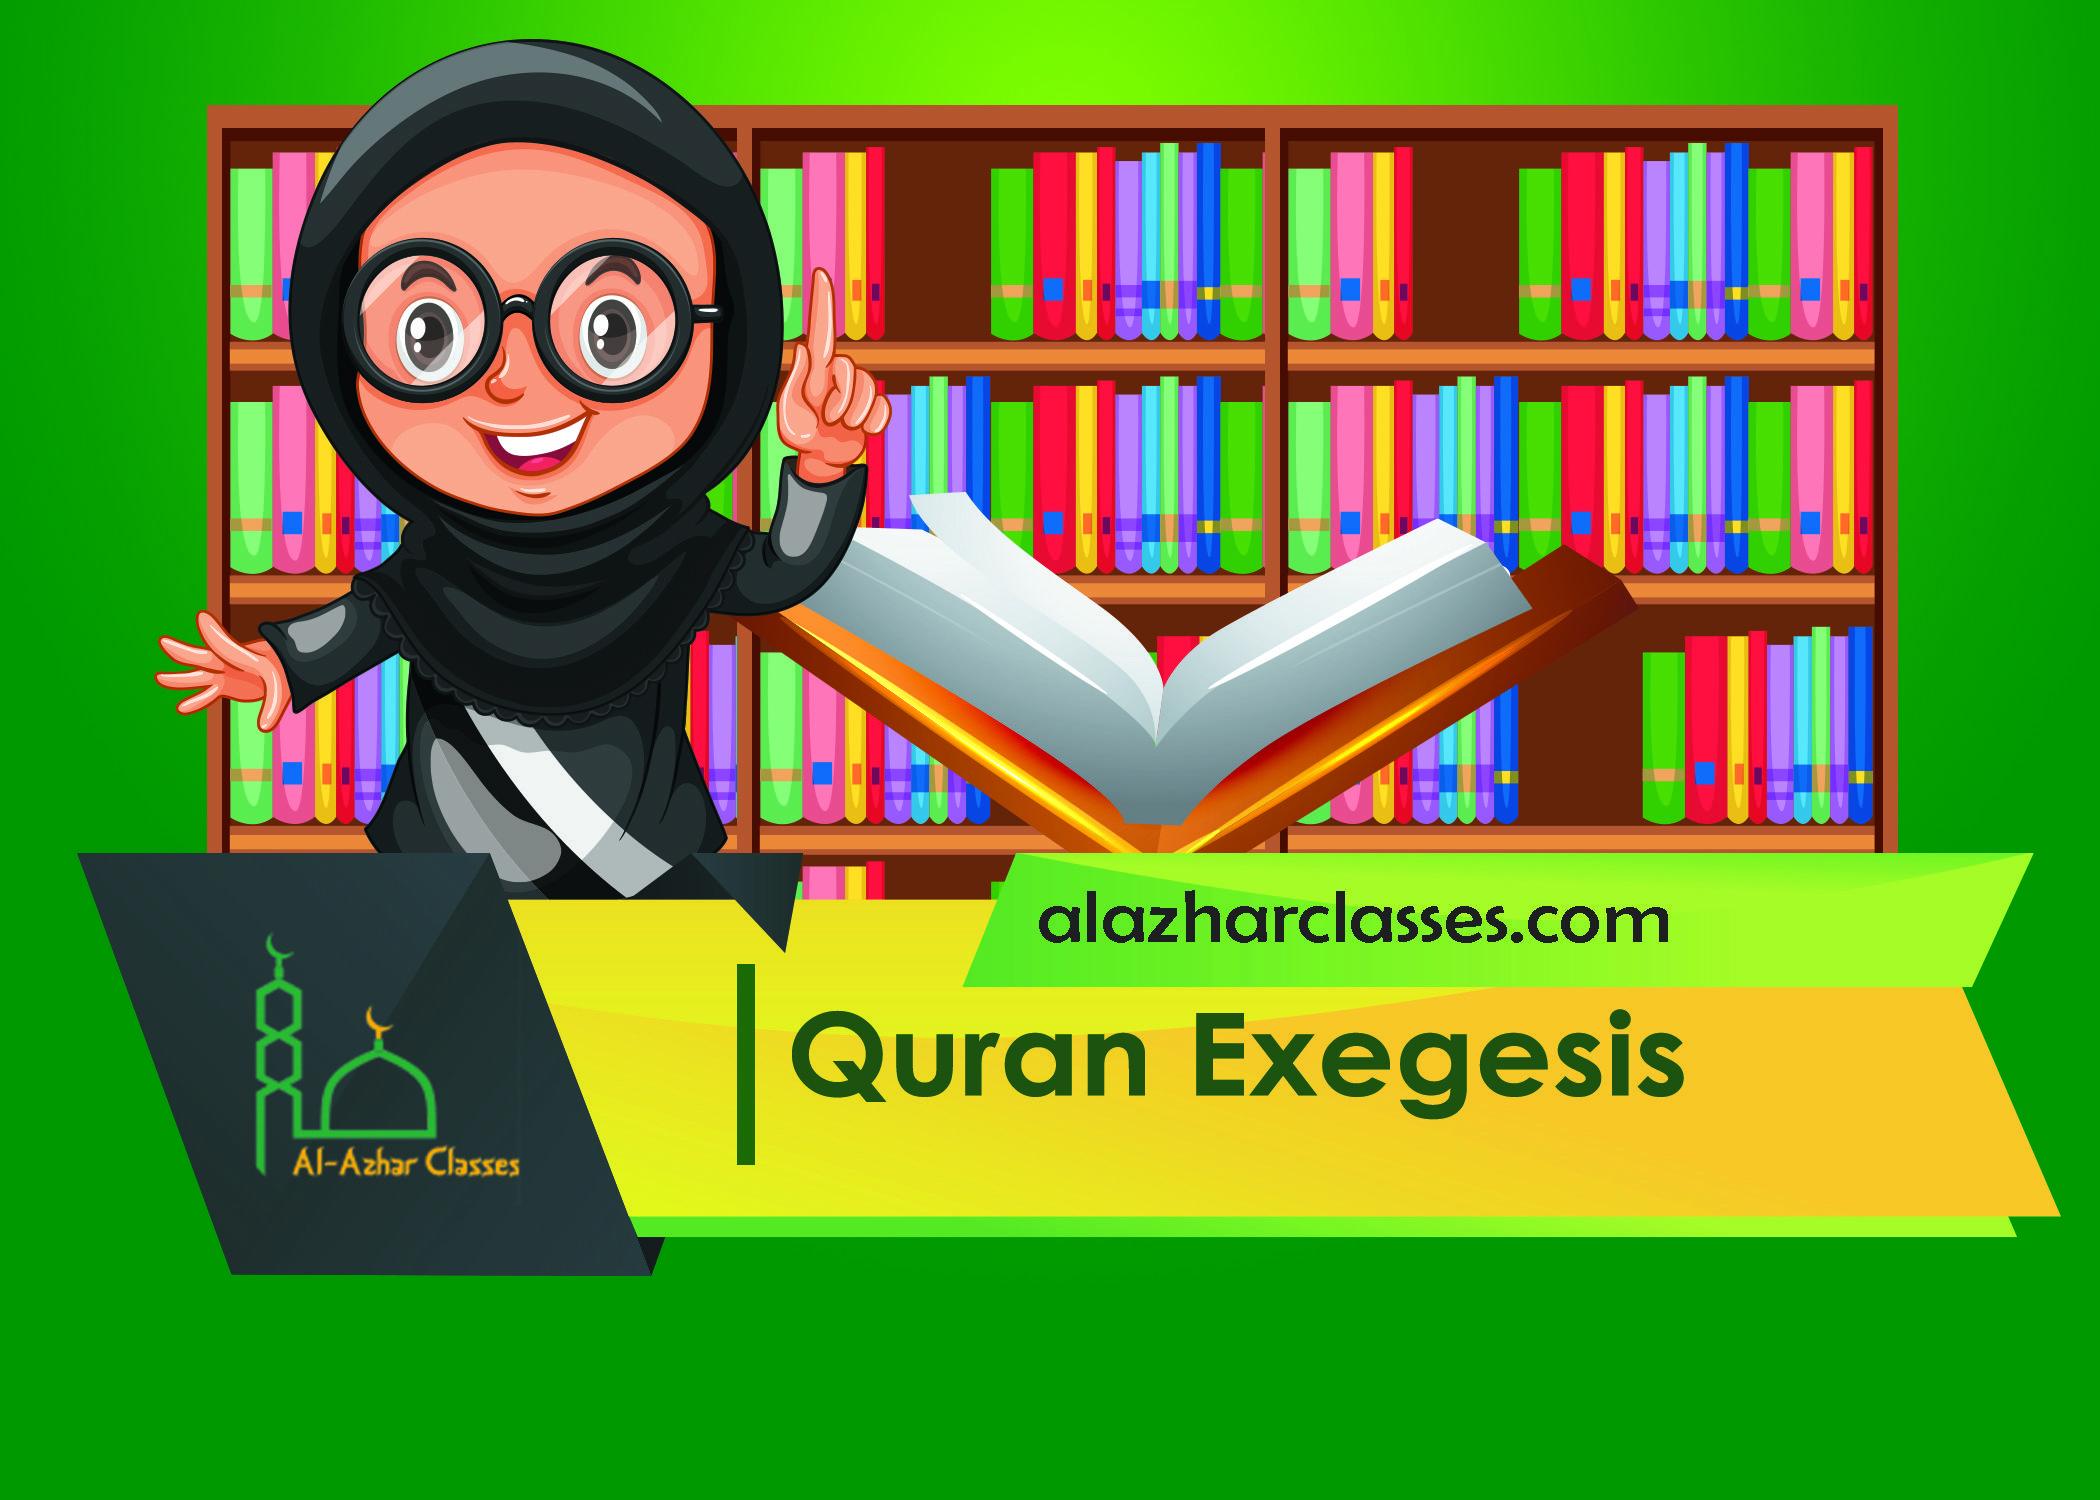 Quran Exegesis